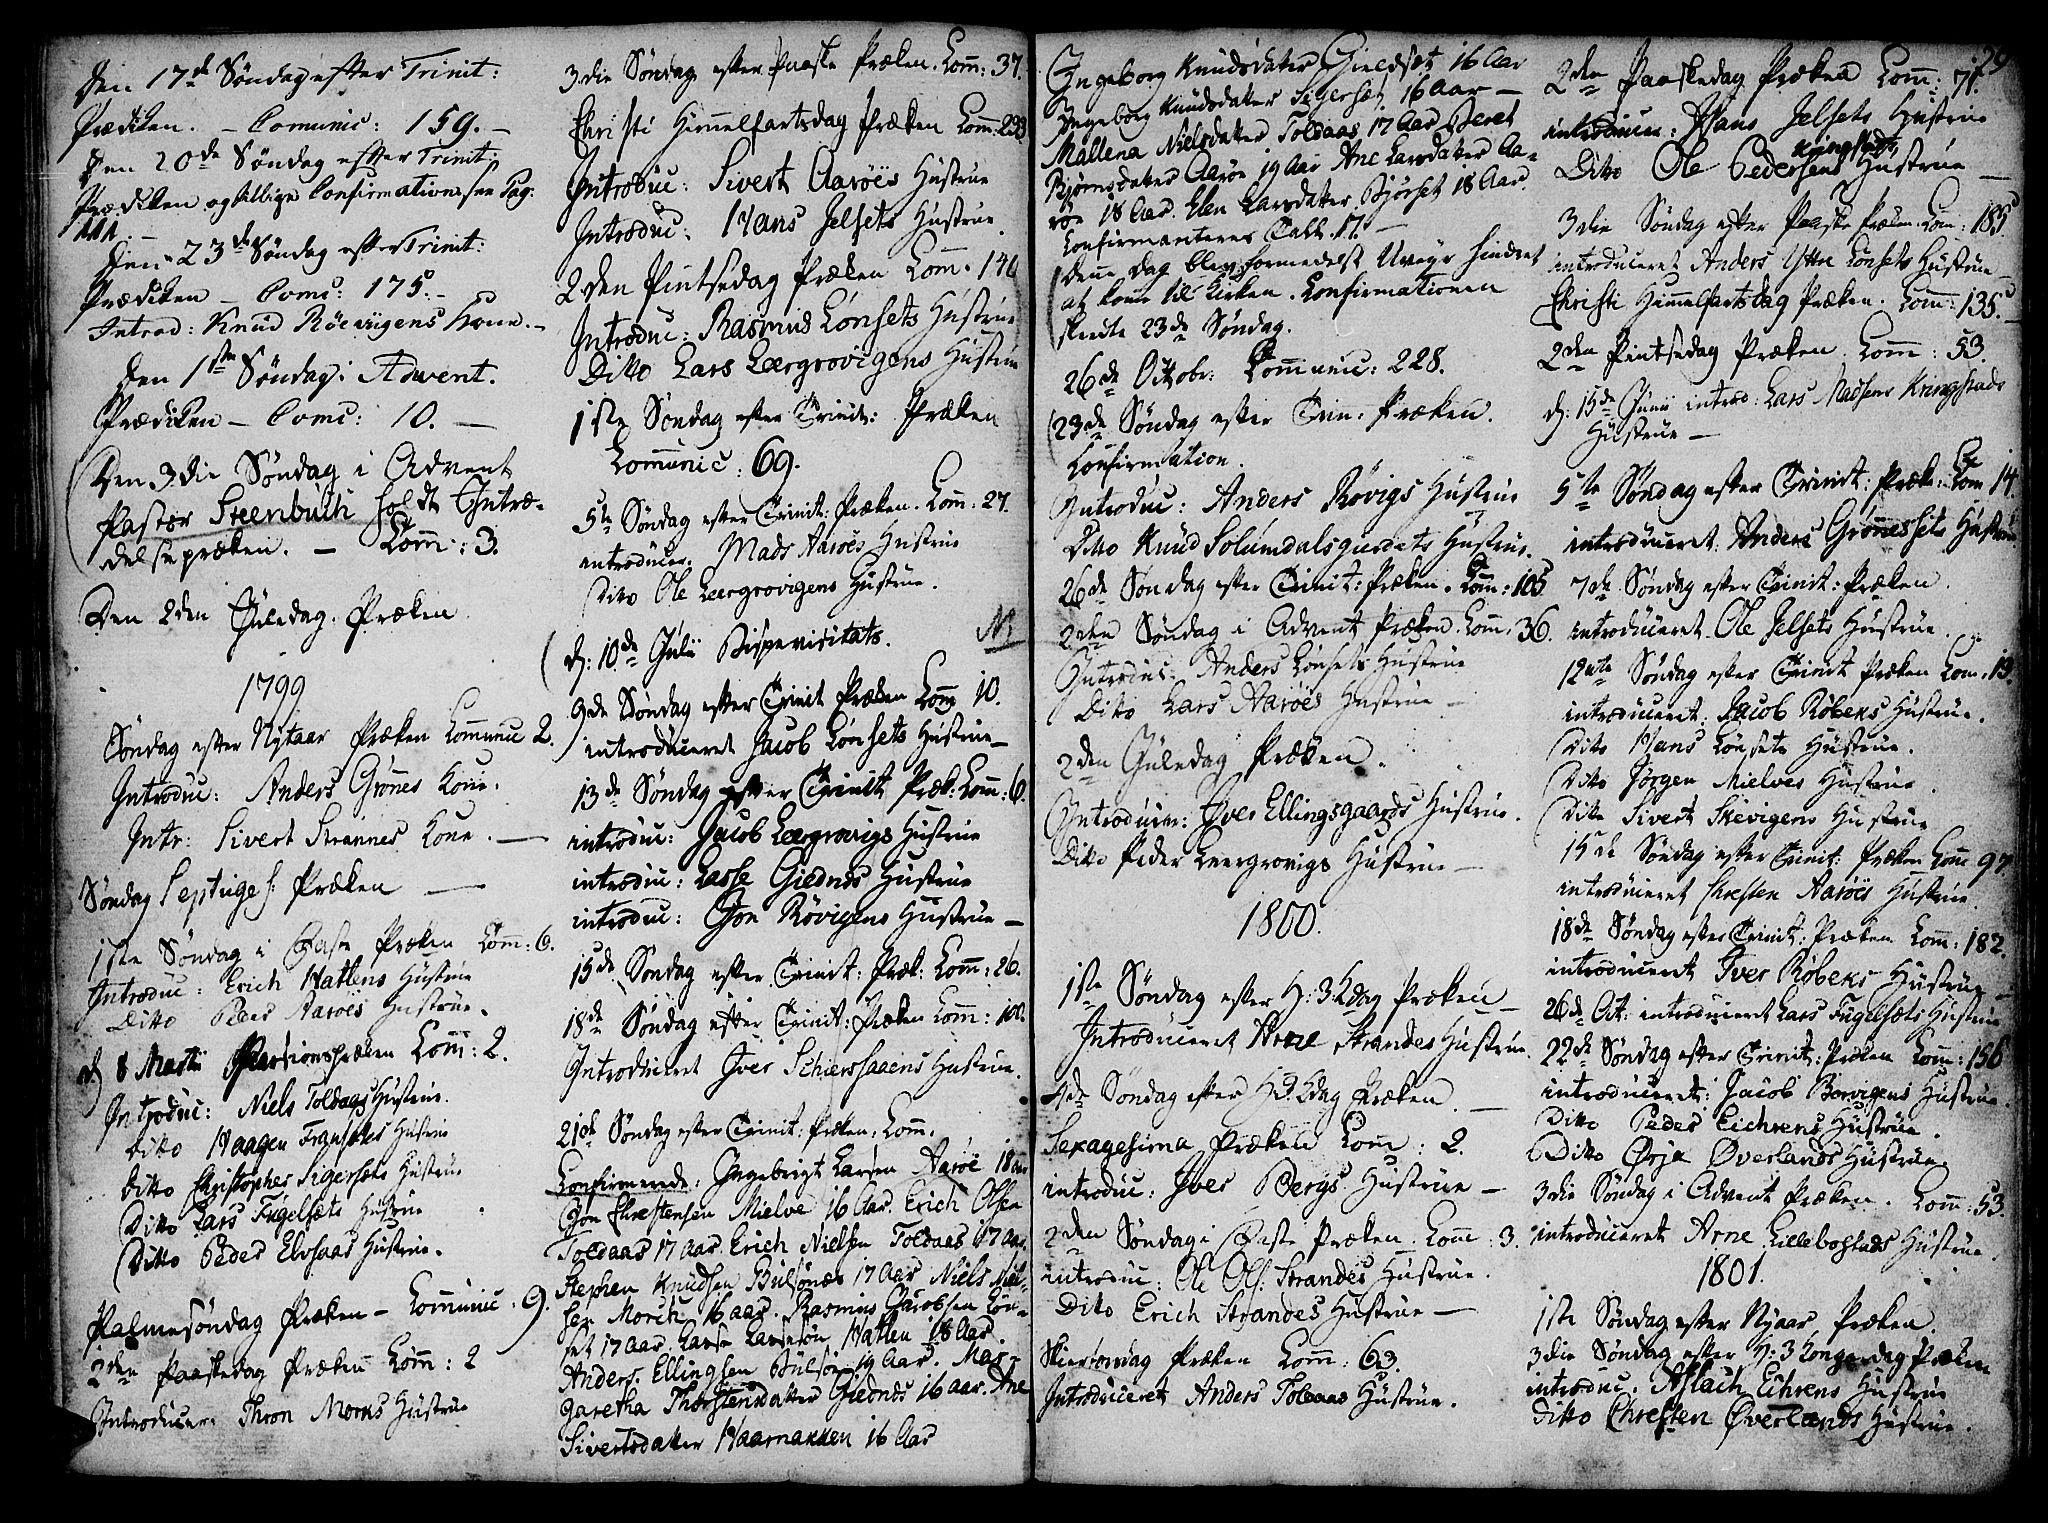 SAT, Ministerialprotokoller, klokkerbøker og fødselsregistre - Møre og Romsdal, 555/L0649: Ministerialbok nr. 555A02 /1, 1795-1821, s. 29